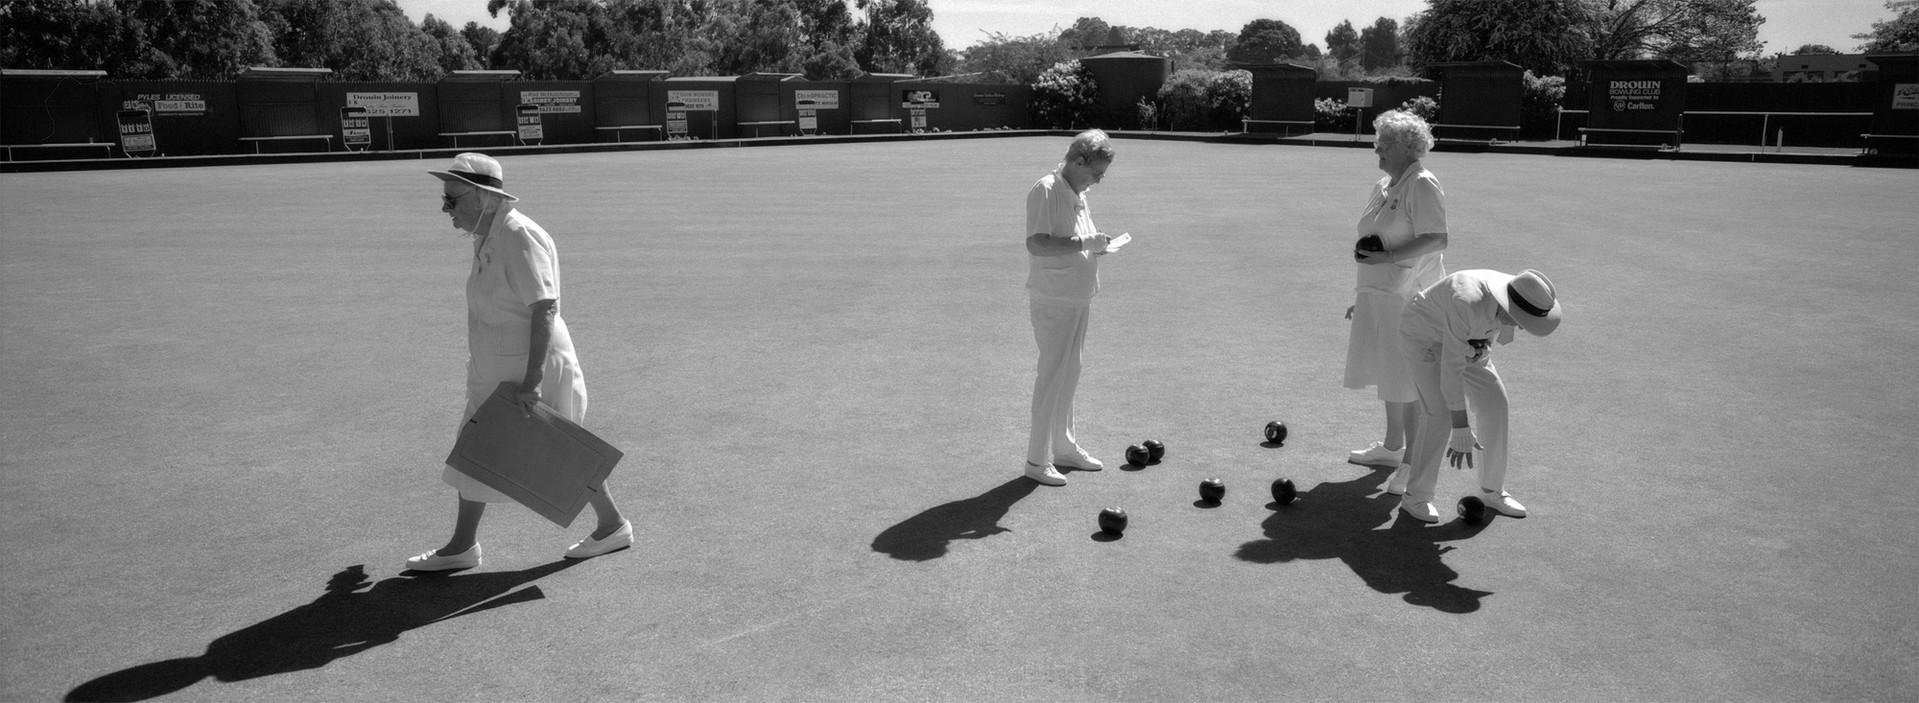 Sport Ladies, Melbourne, Australia 2002